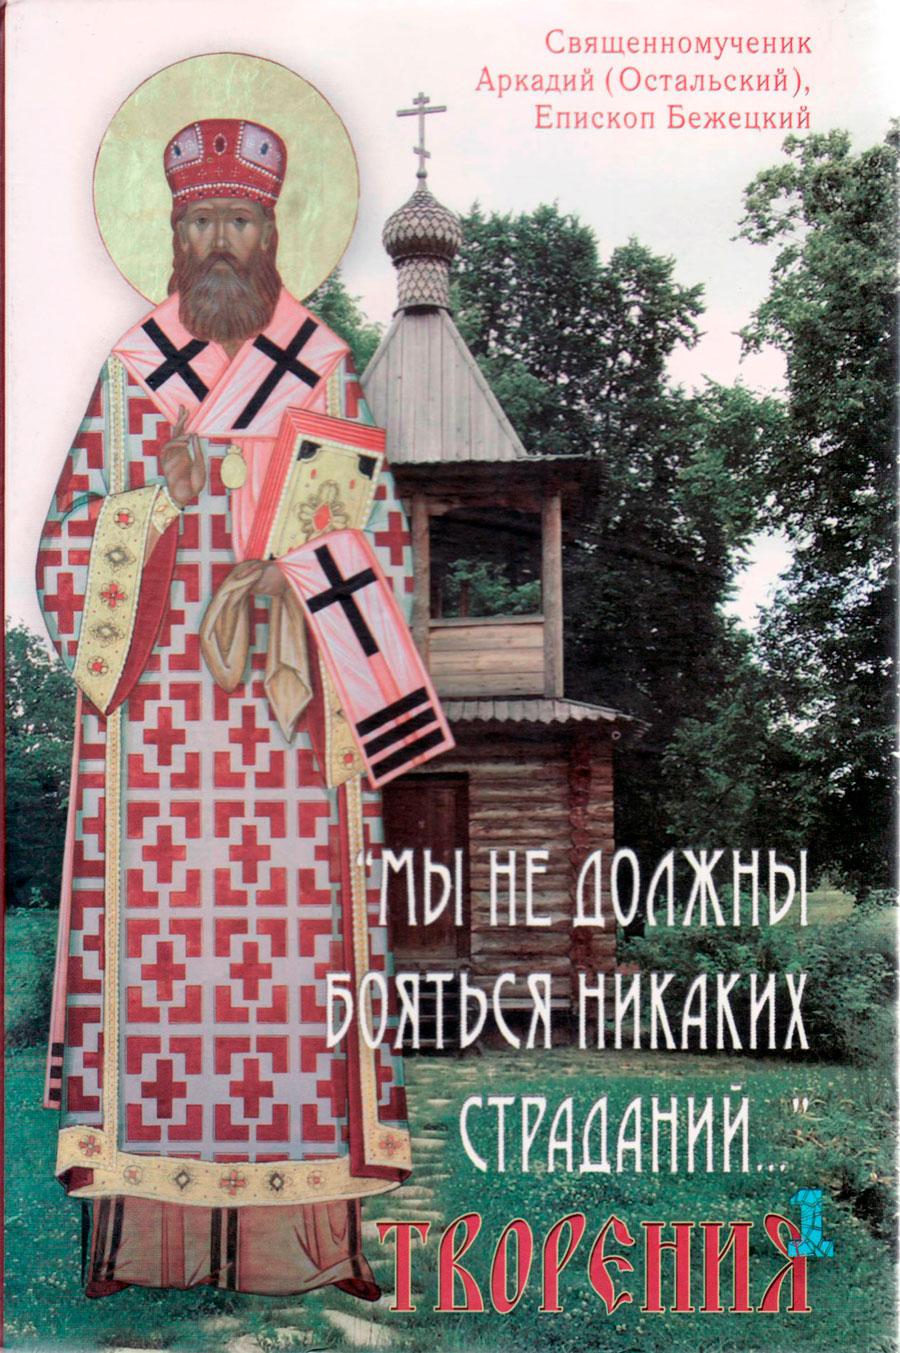 Аркадий-(Остальский)--Мы-не-должны-бояться-никаких-страданий